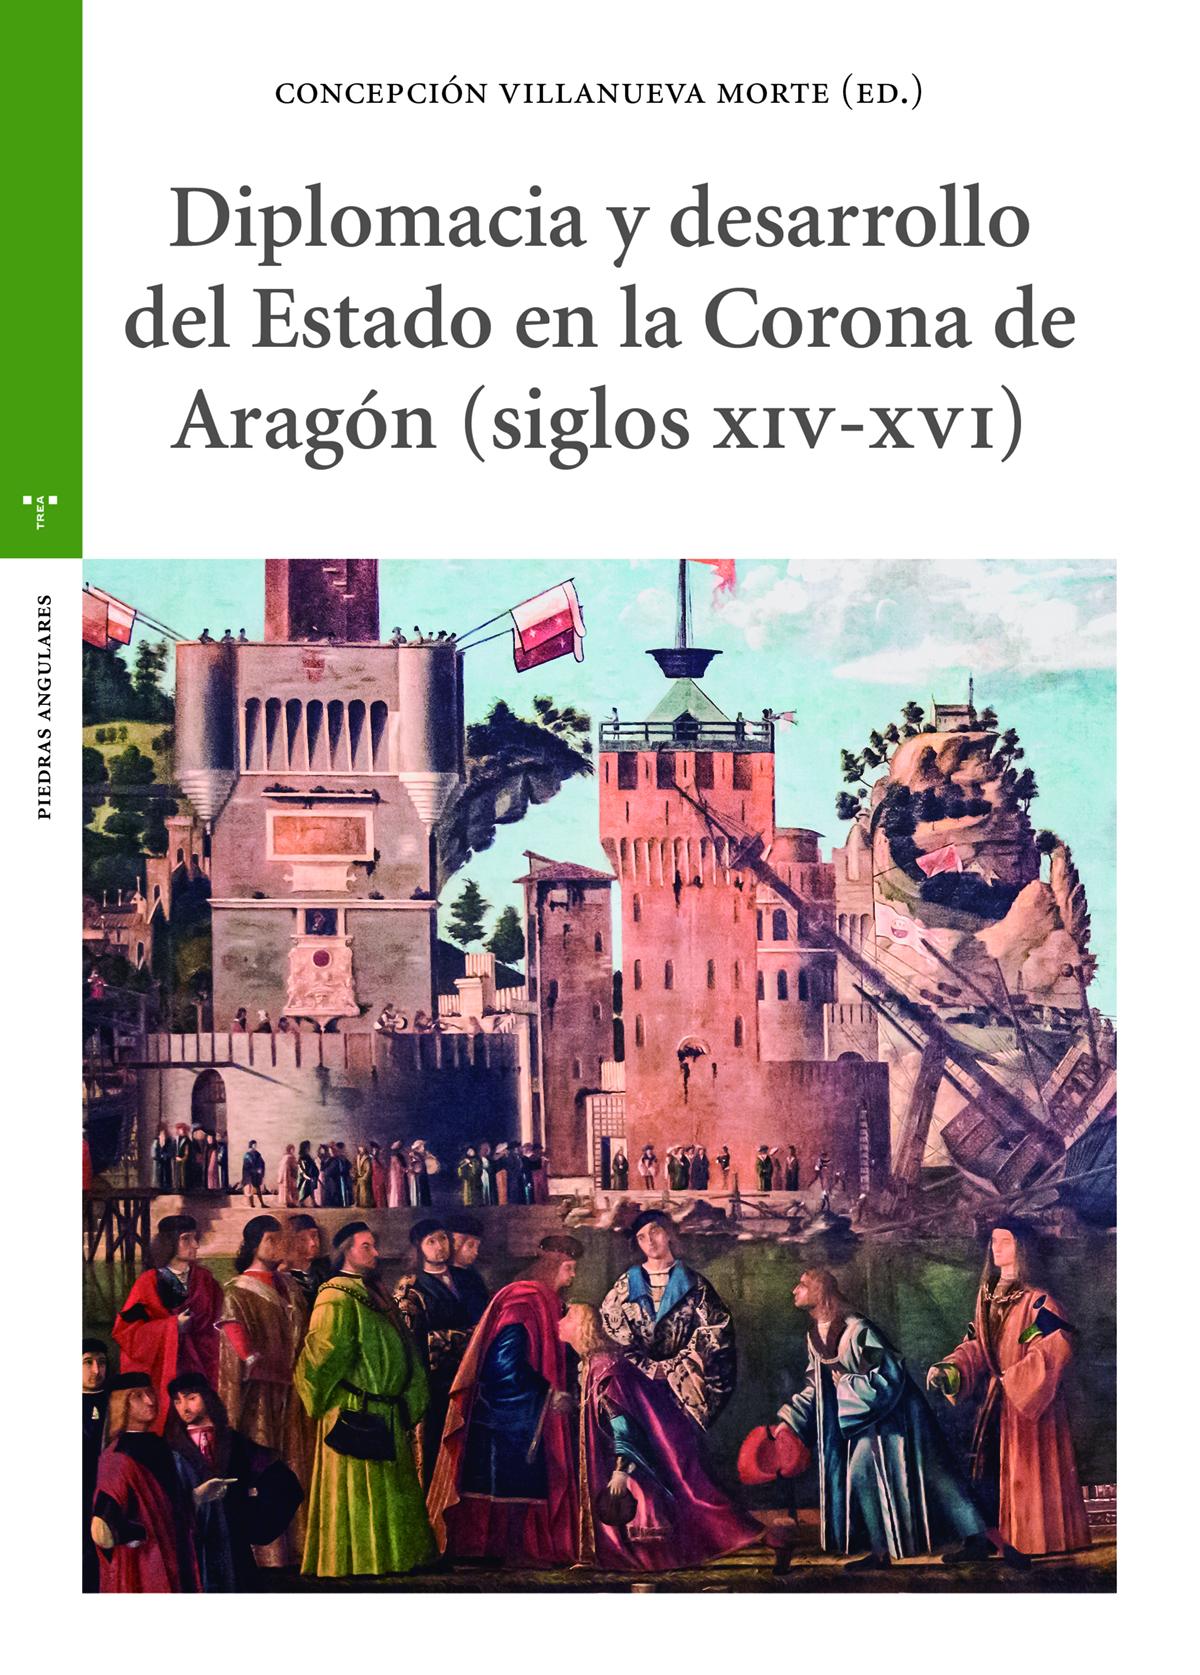 Diplomacia y desarrollo del Estado en la Corona de Aragón (s. XIV-XVI)